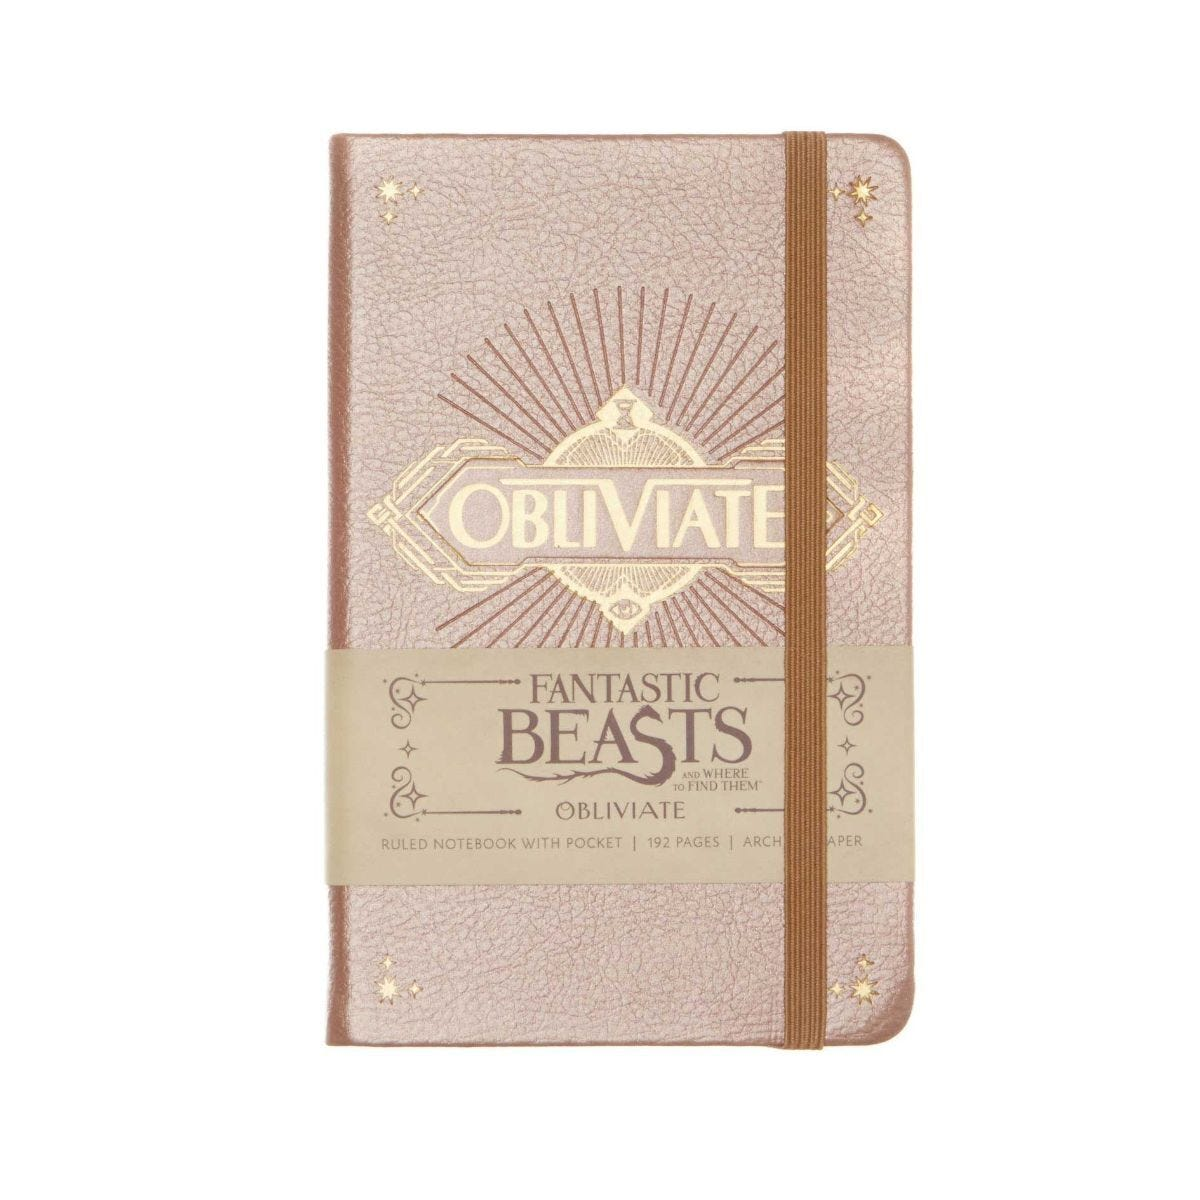 Fantastic Beasts Obliviate Pocket Ruled Journal